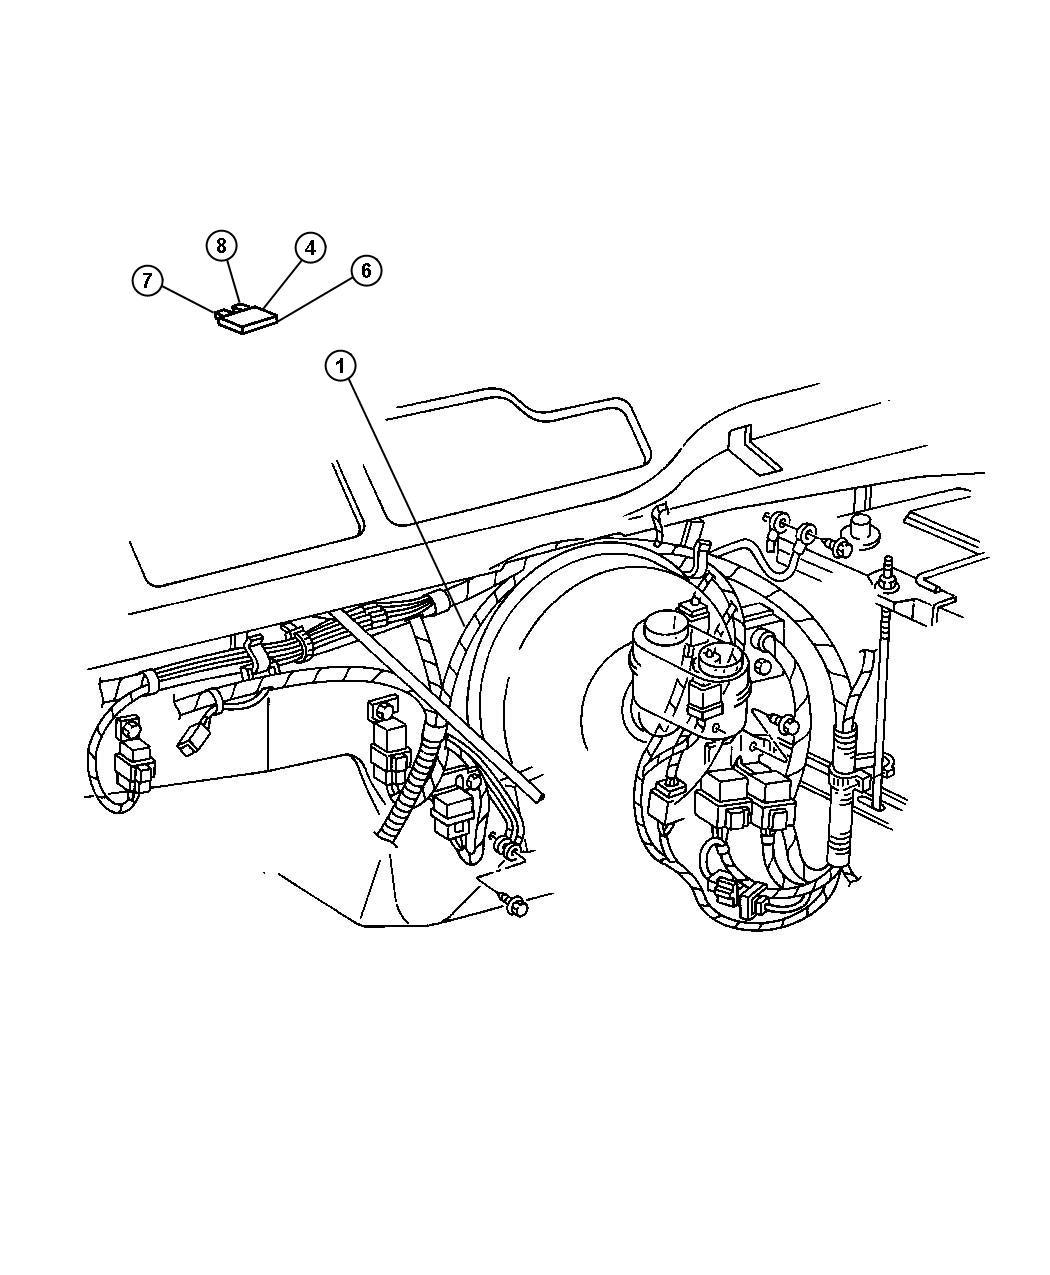 2000 jeep grand cherokee fan wiring diagram